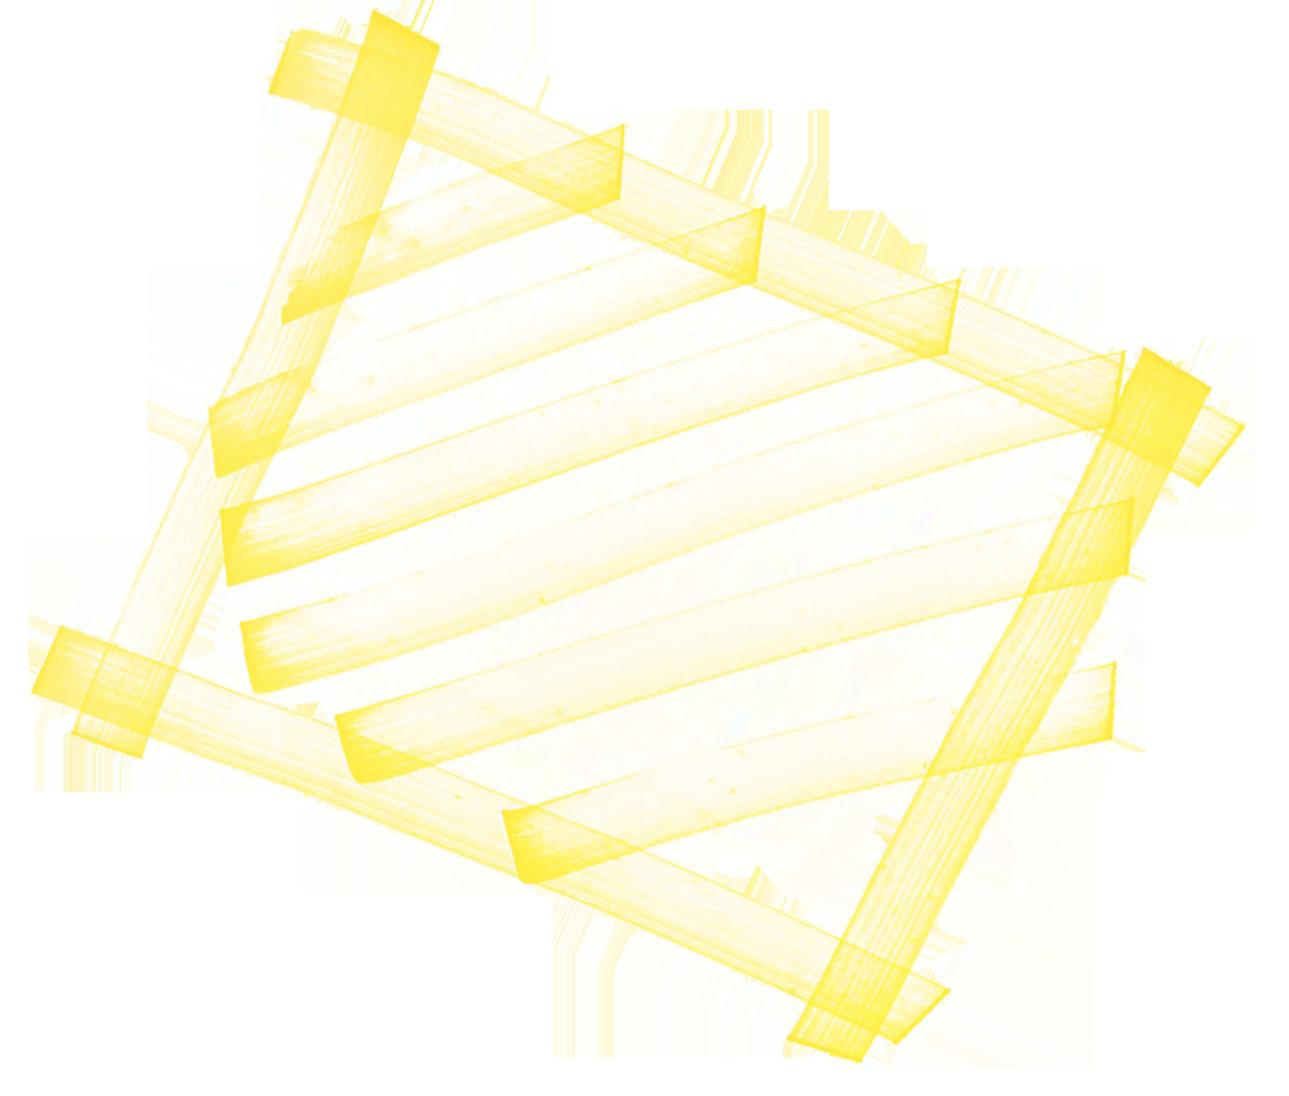 vierkant_yellow_002